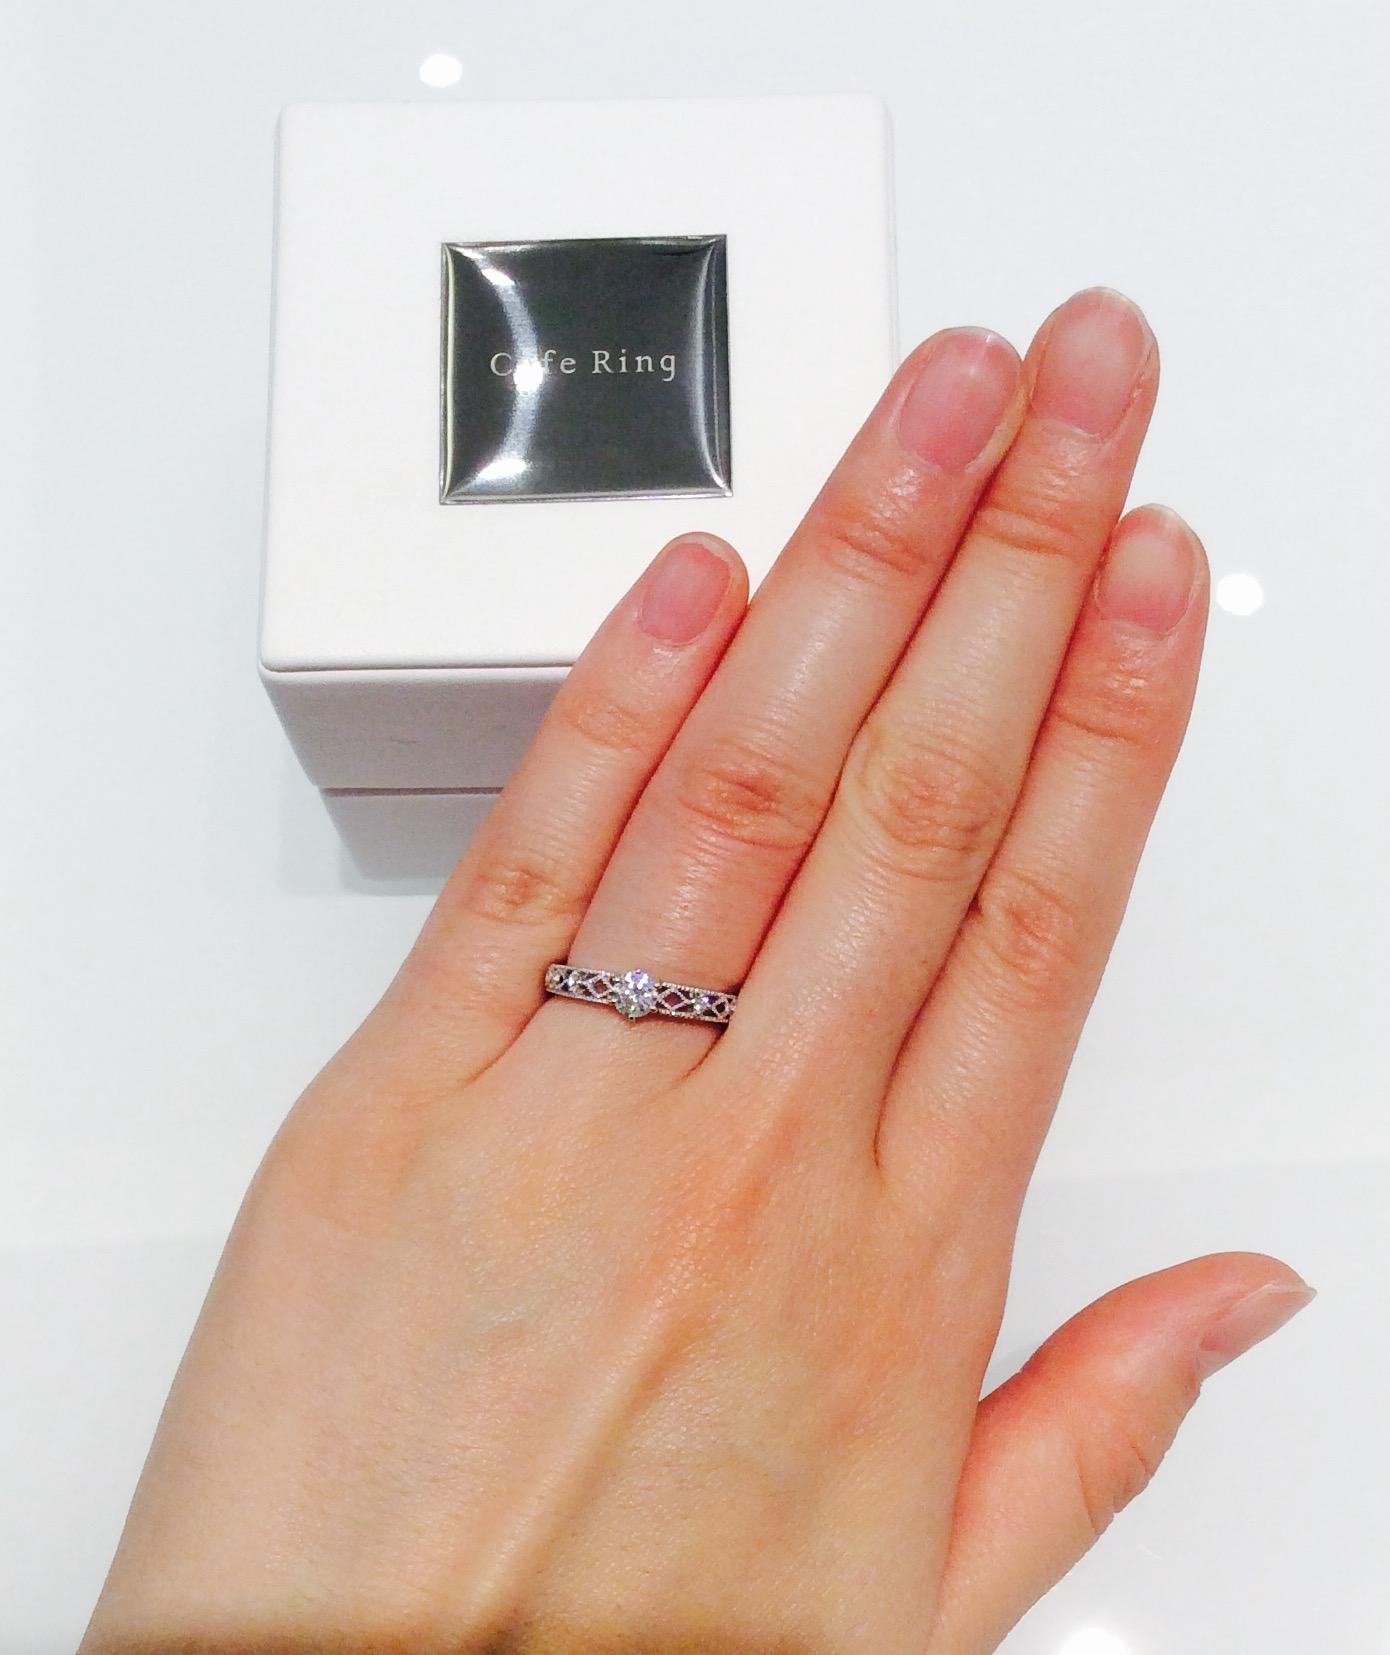 Cafe Ring『テ・ルージュ』の指輪💍✨